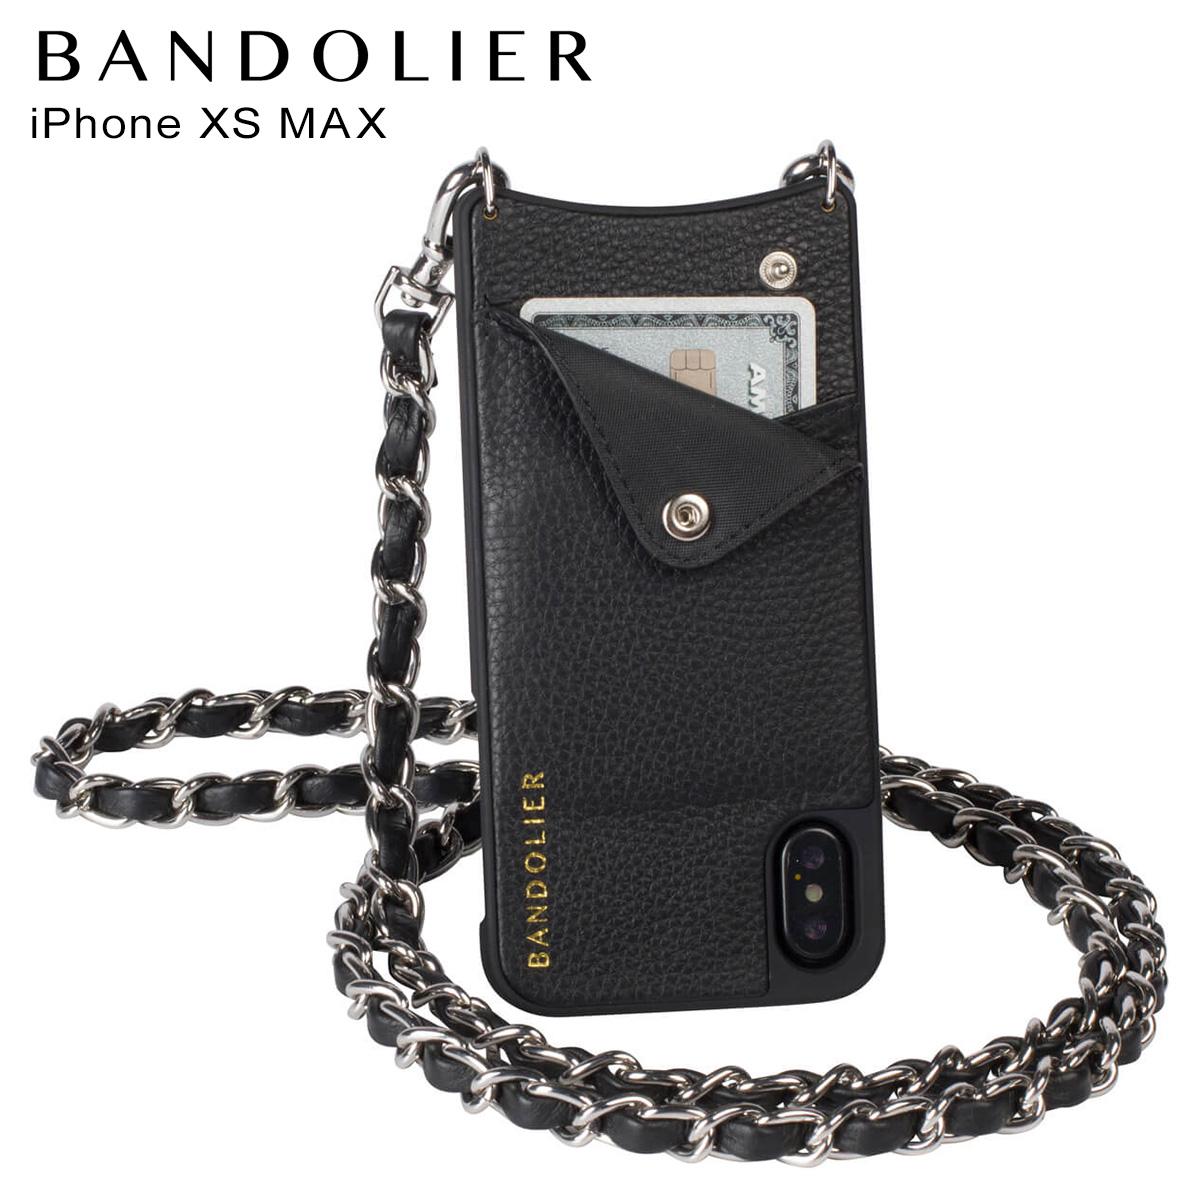 バンドリヤー BANDOLIER iPhone XS MAX ケース ショルダー スマホ アイフォン レザー LUCY SILVER メンズ レディース ブラック 黒 10LCY1001 [3/18 再入荷]